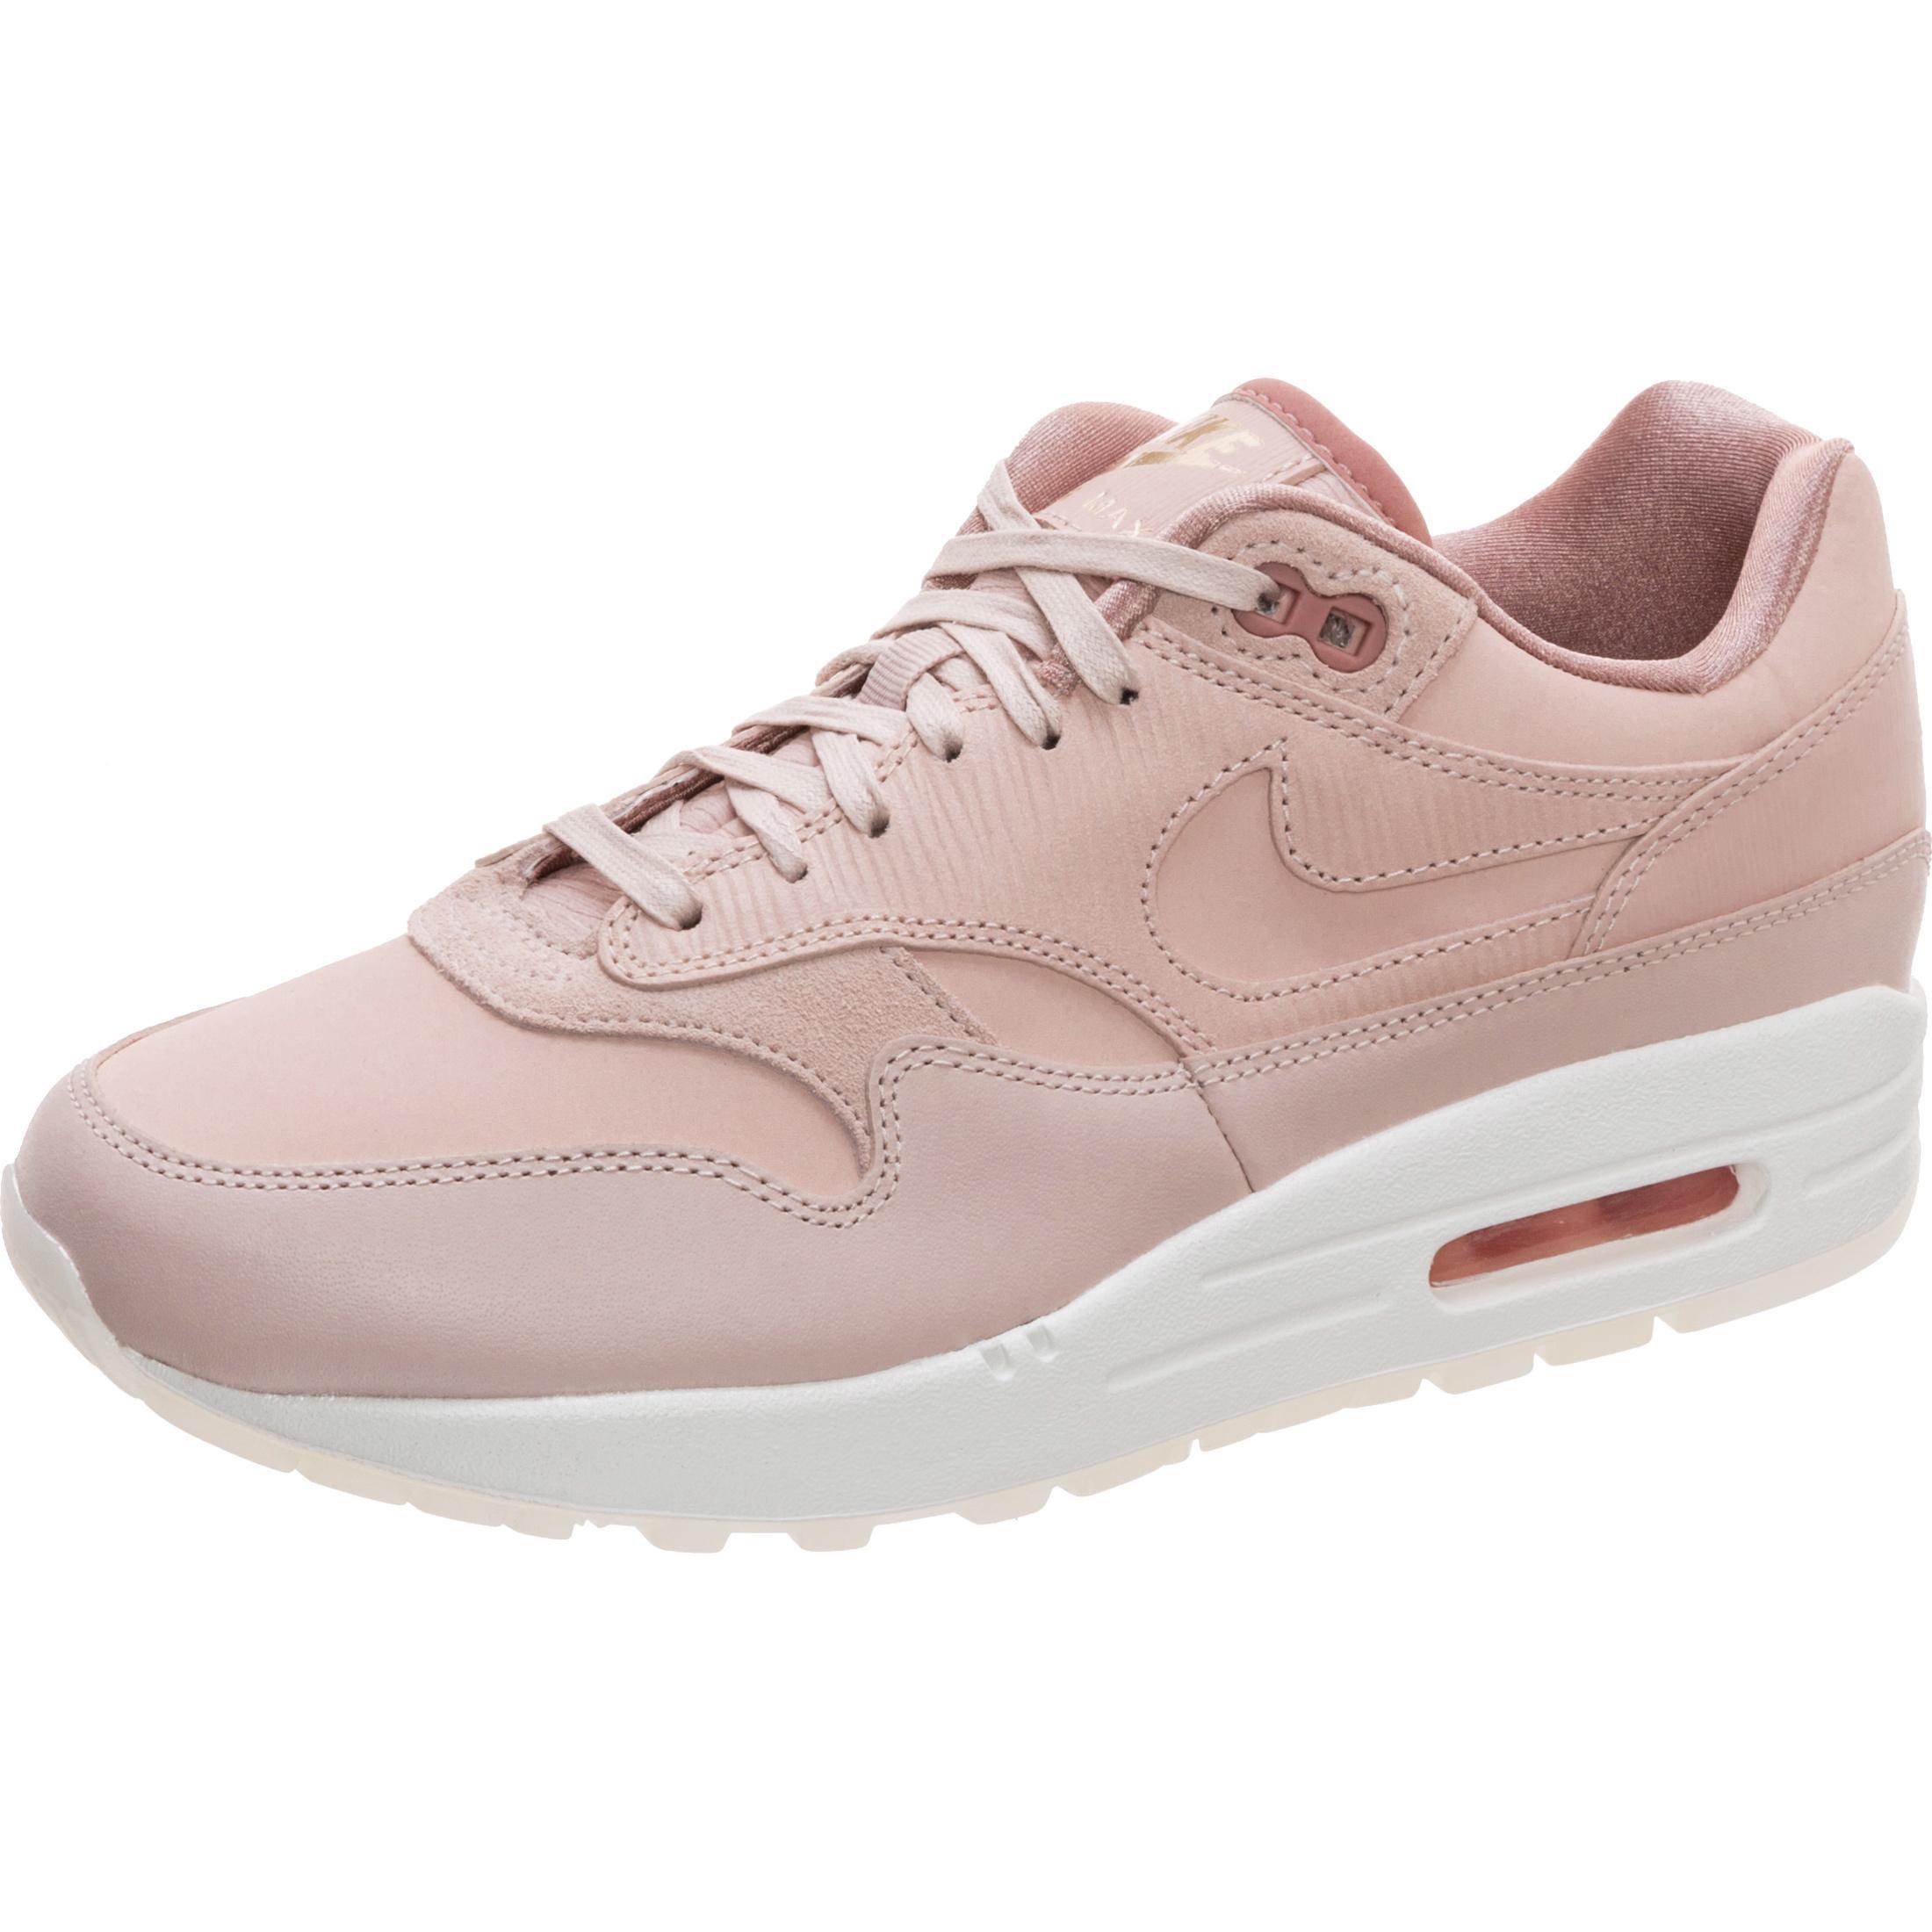 brand new 22c43 4a32d Nike Air Max 1 Premium Sneaker Damen rosa / weiß im Online Shop von  SportScheck kaufen